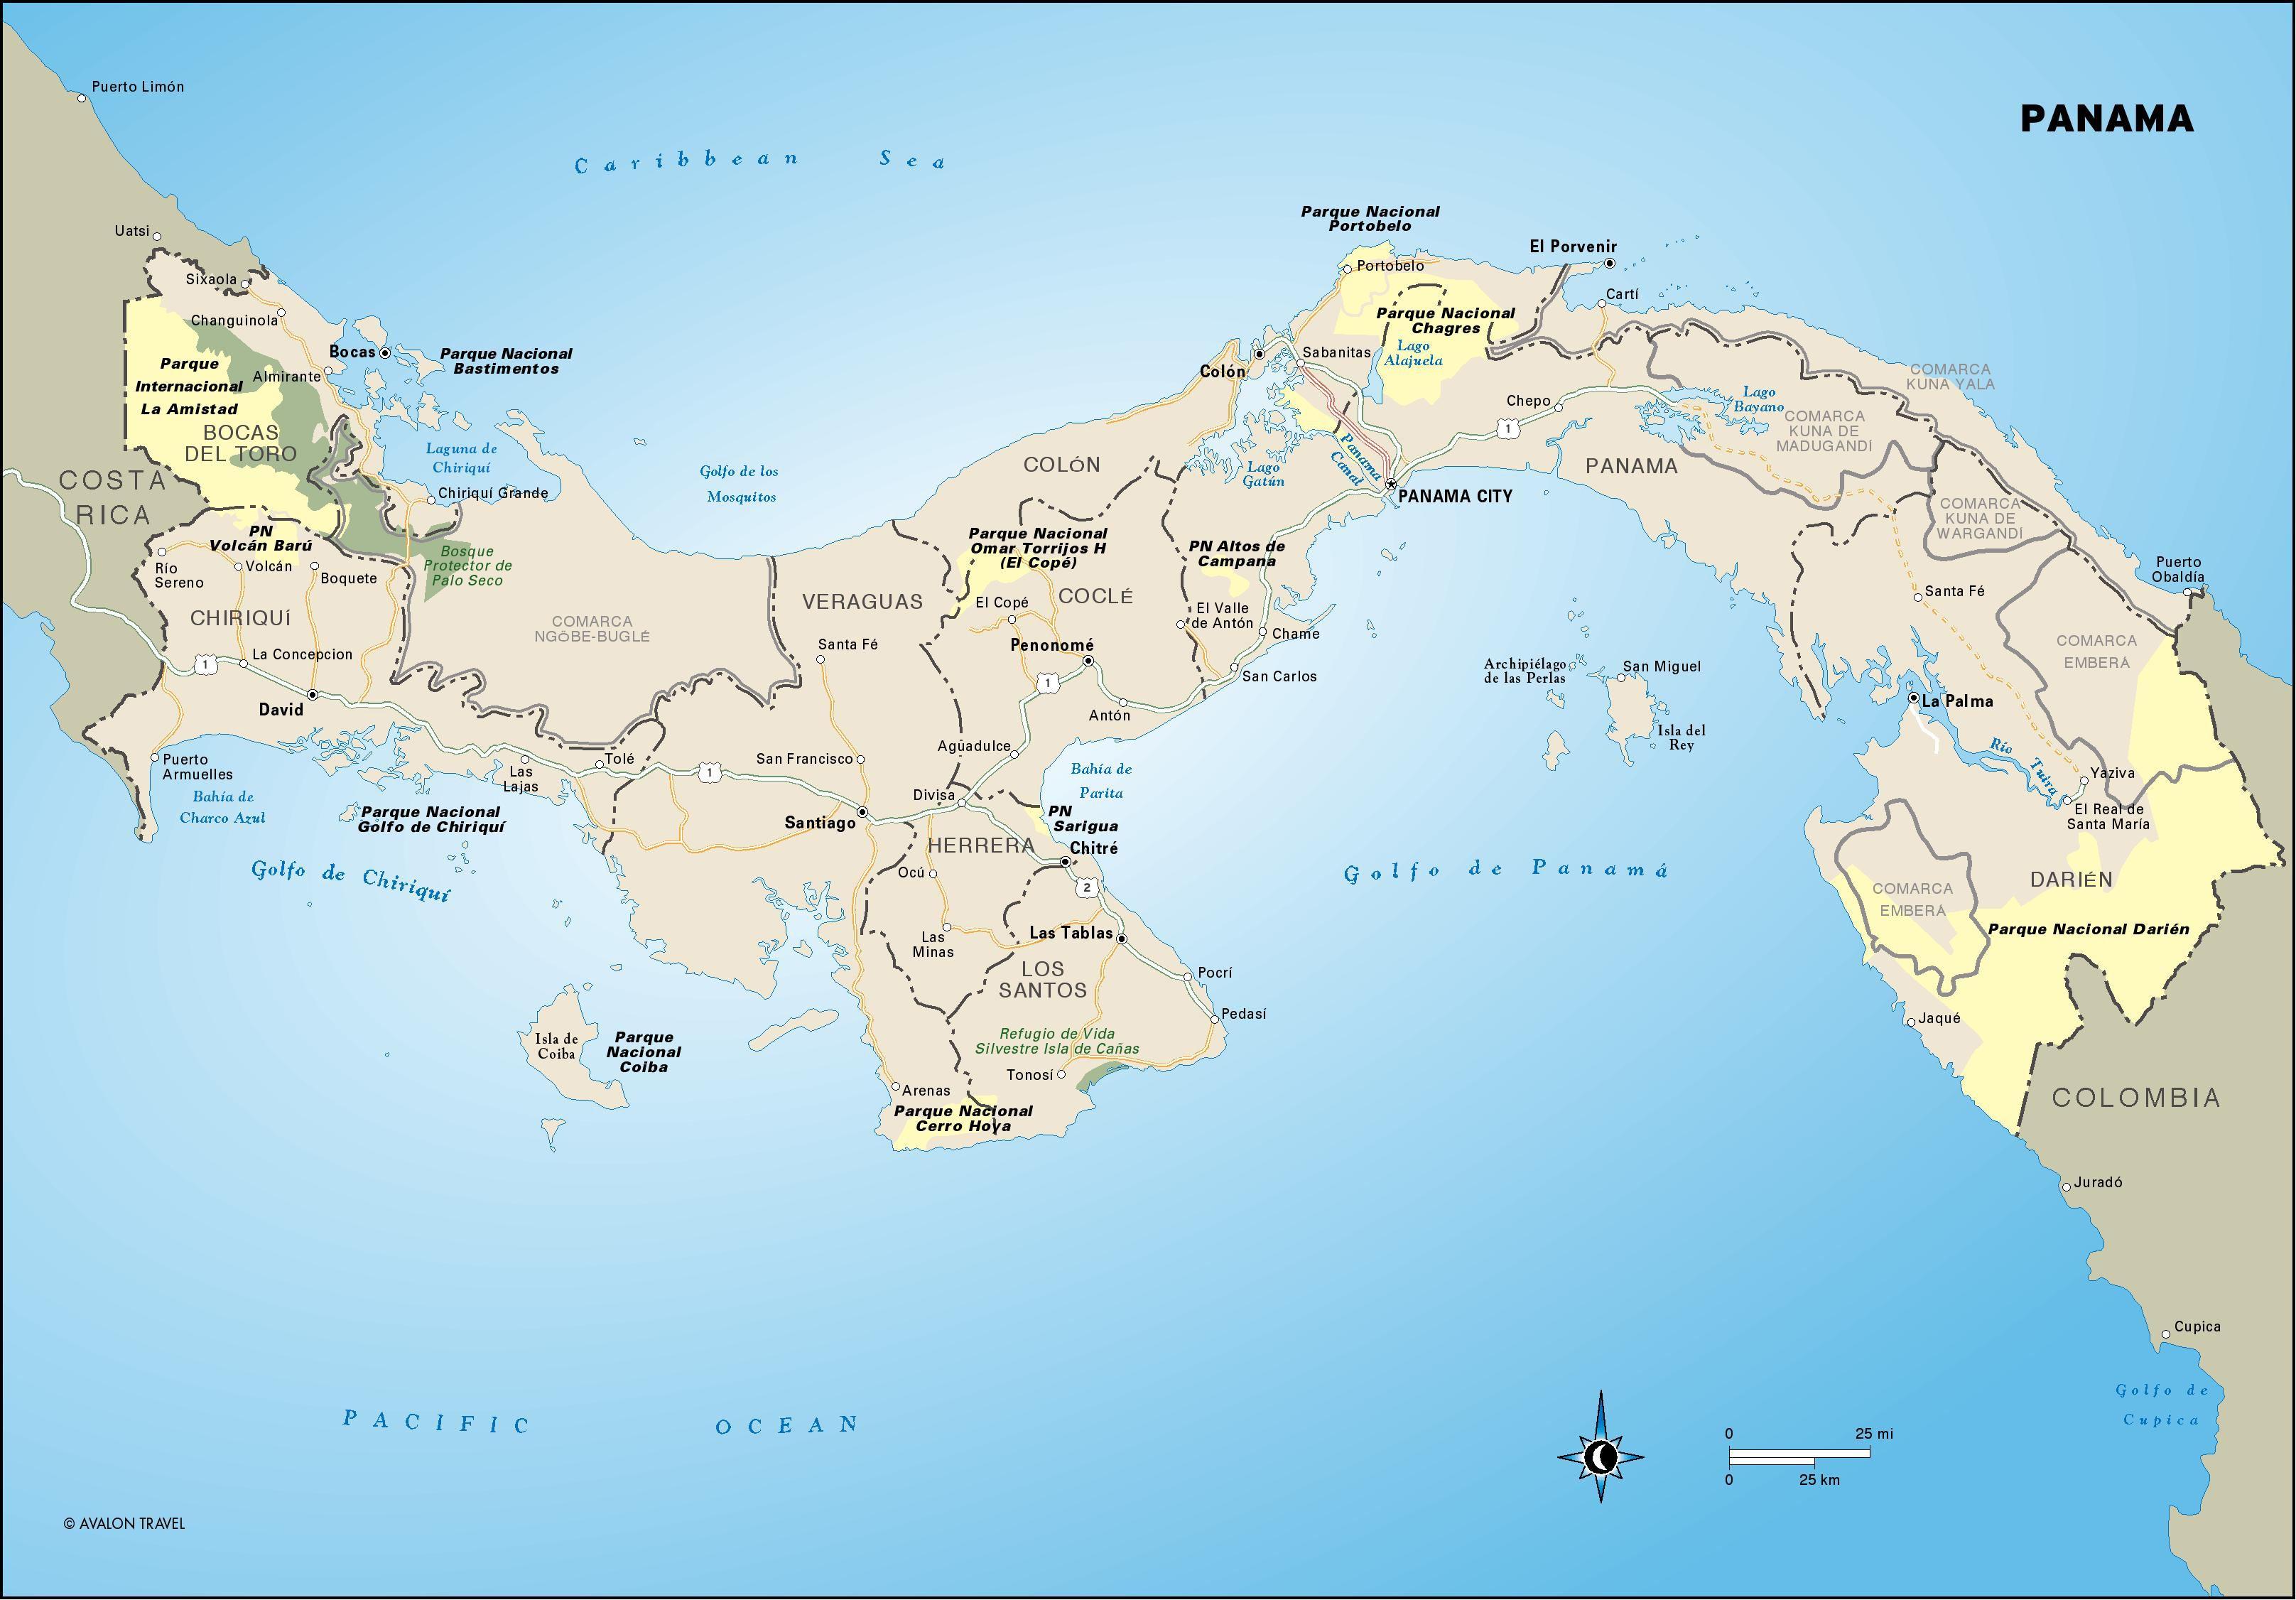 Panama Map | Panama canal cruise, Panama, Panama city panama